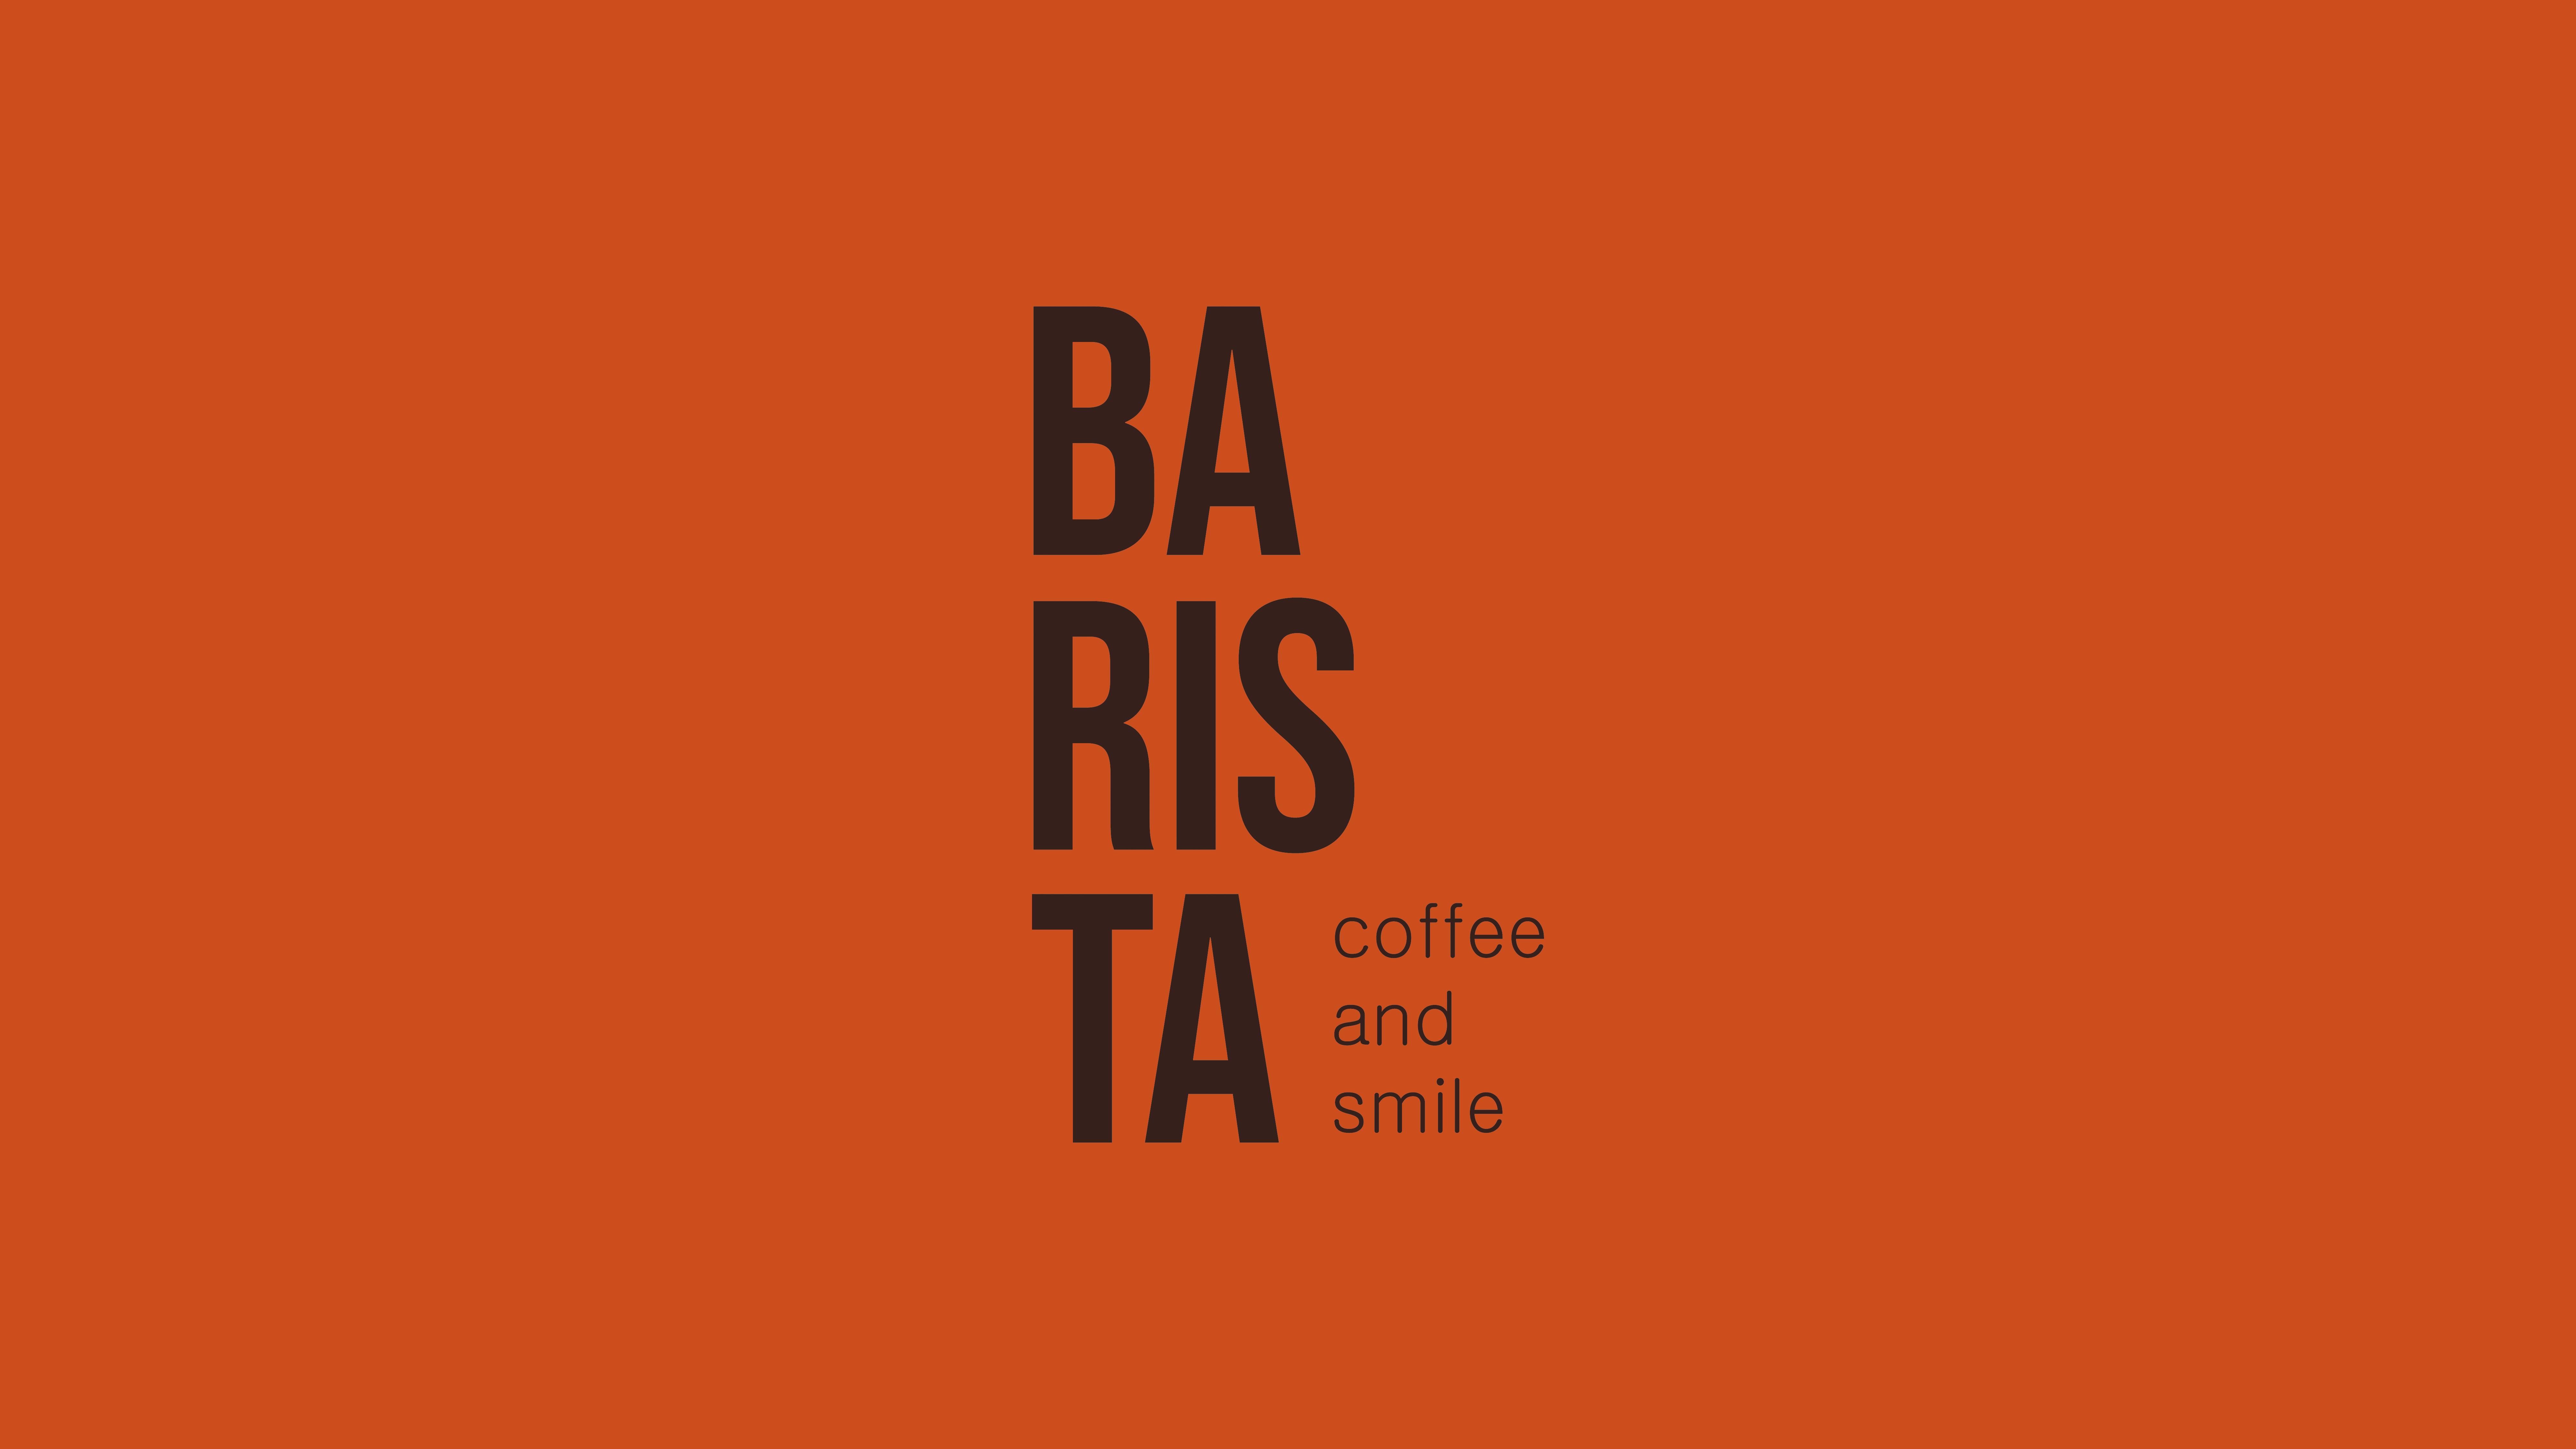 Ребрендинг логотипа сети кофеен фото f_7655e798b401121b.png